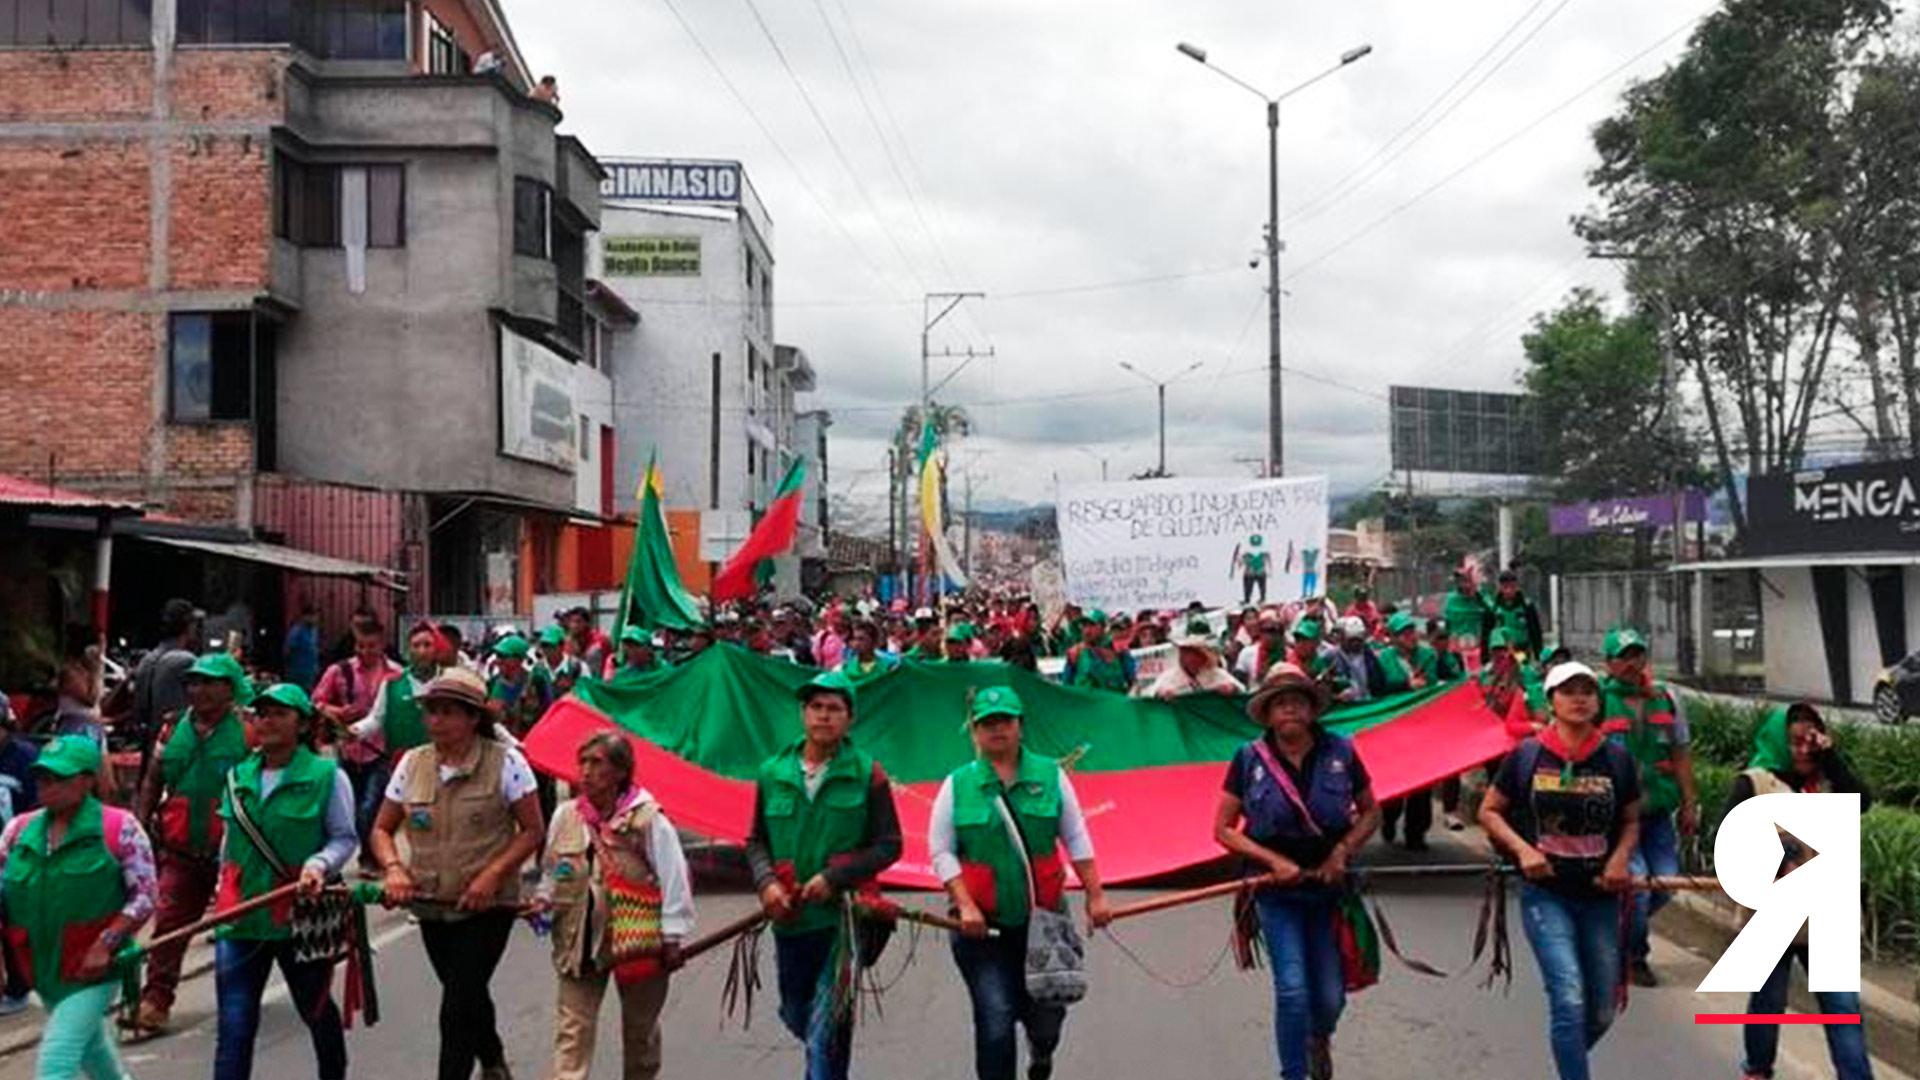 ¿Avivará la protesta social el hecho de que le quitaran la curul a Ángela Robledo?